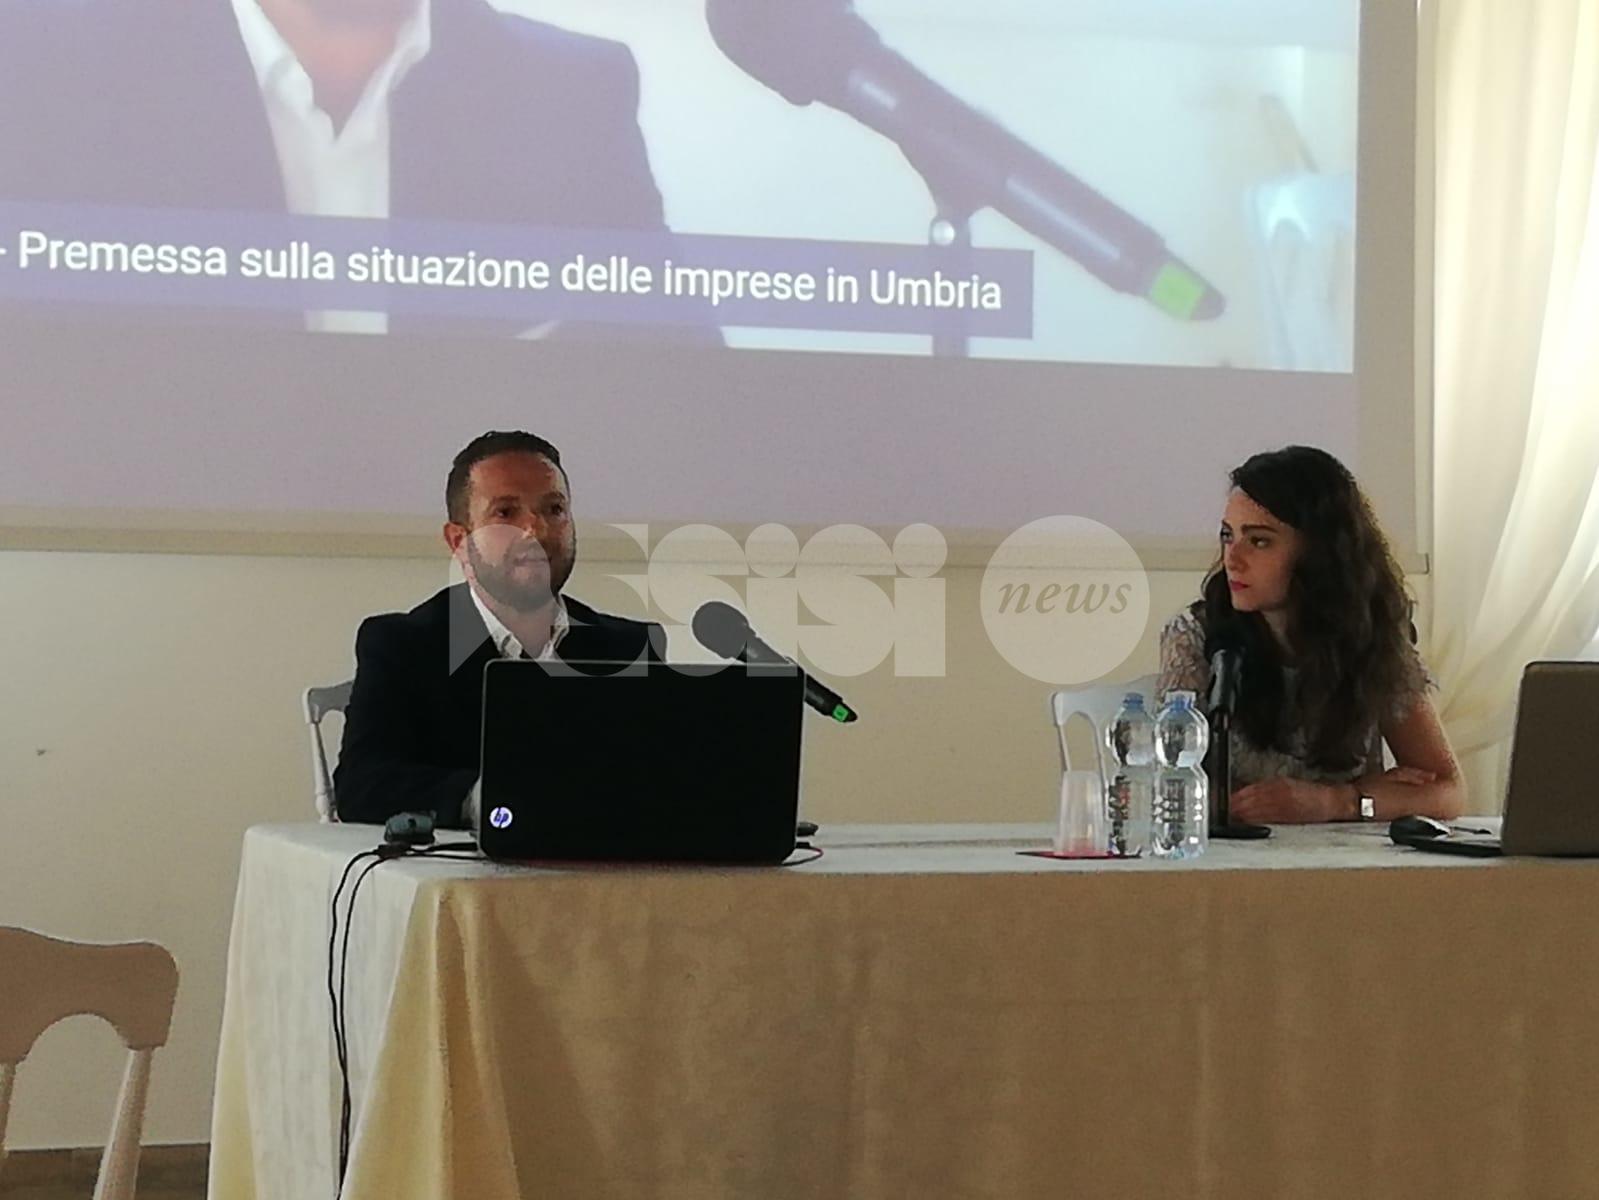 Gestione del personale nella crisi da Covid-19, convegno ad Assisi (foto)